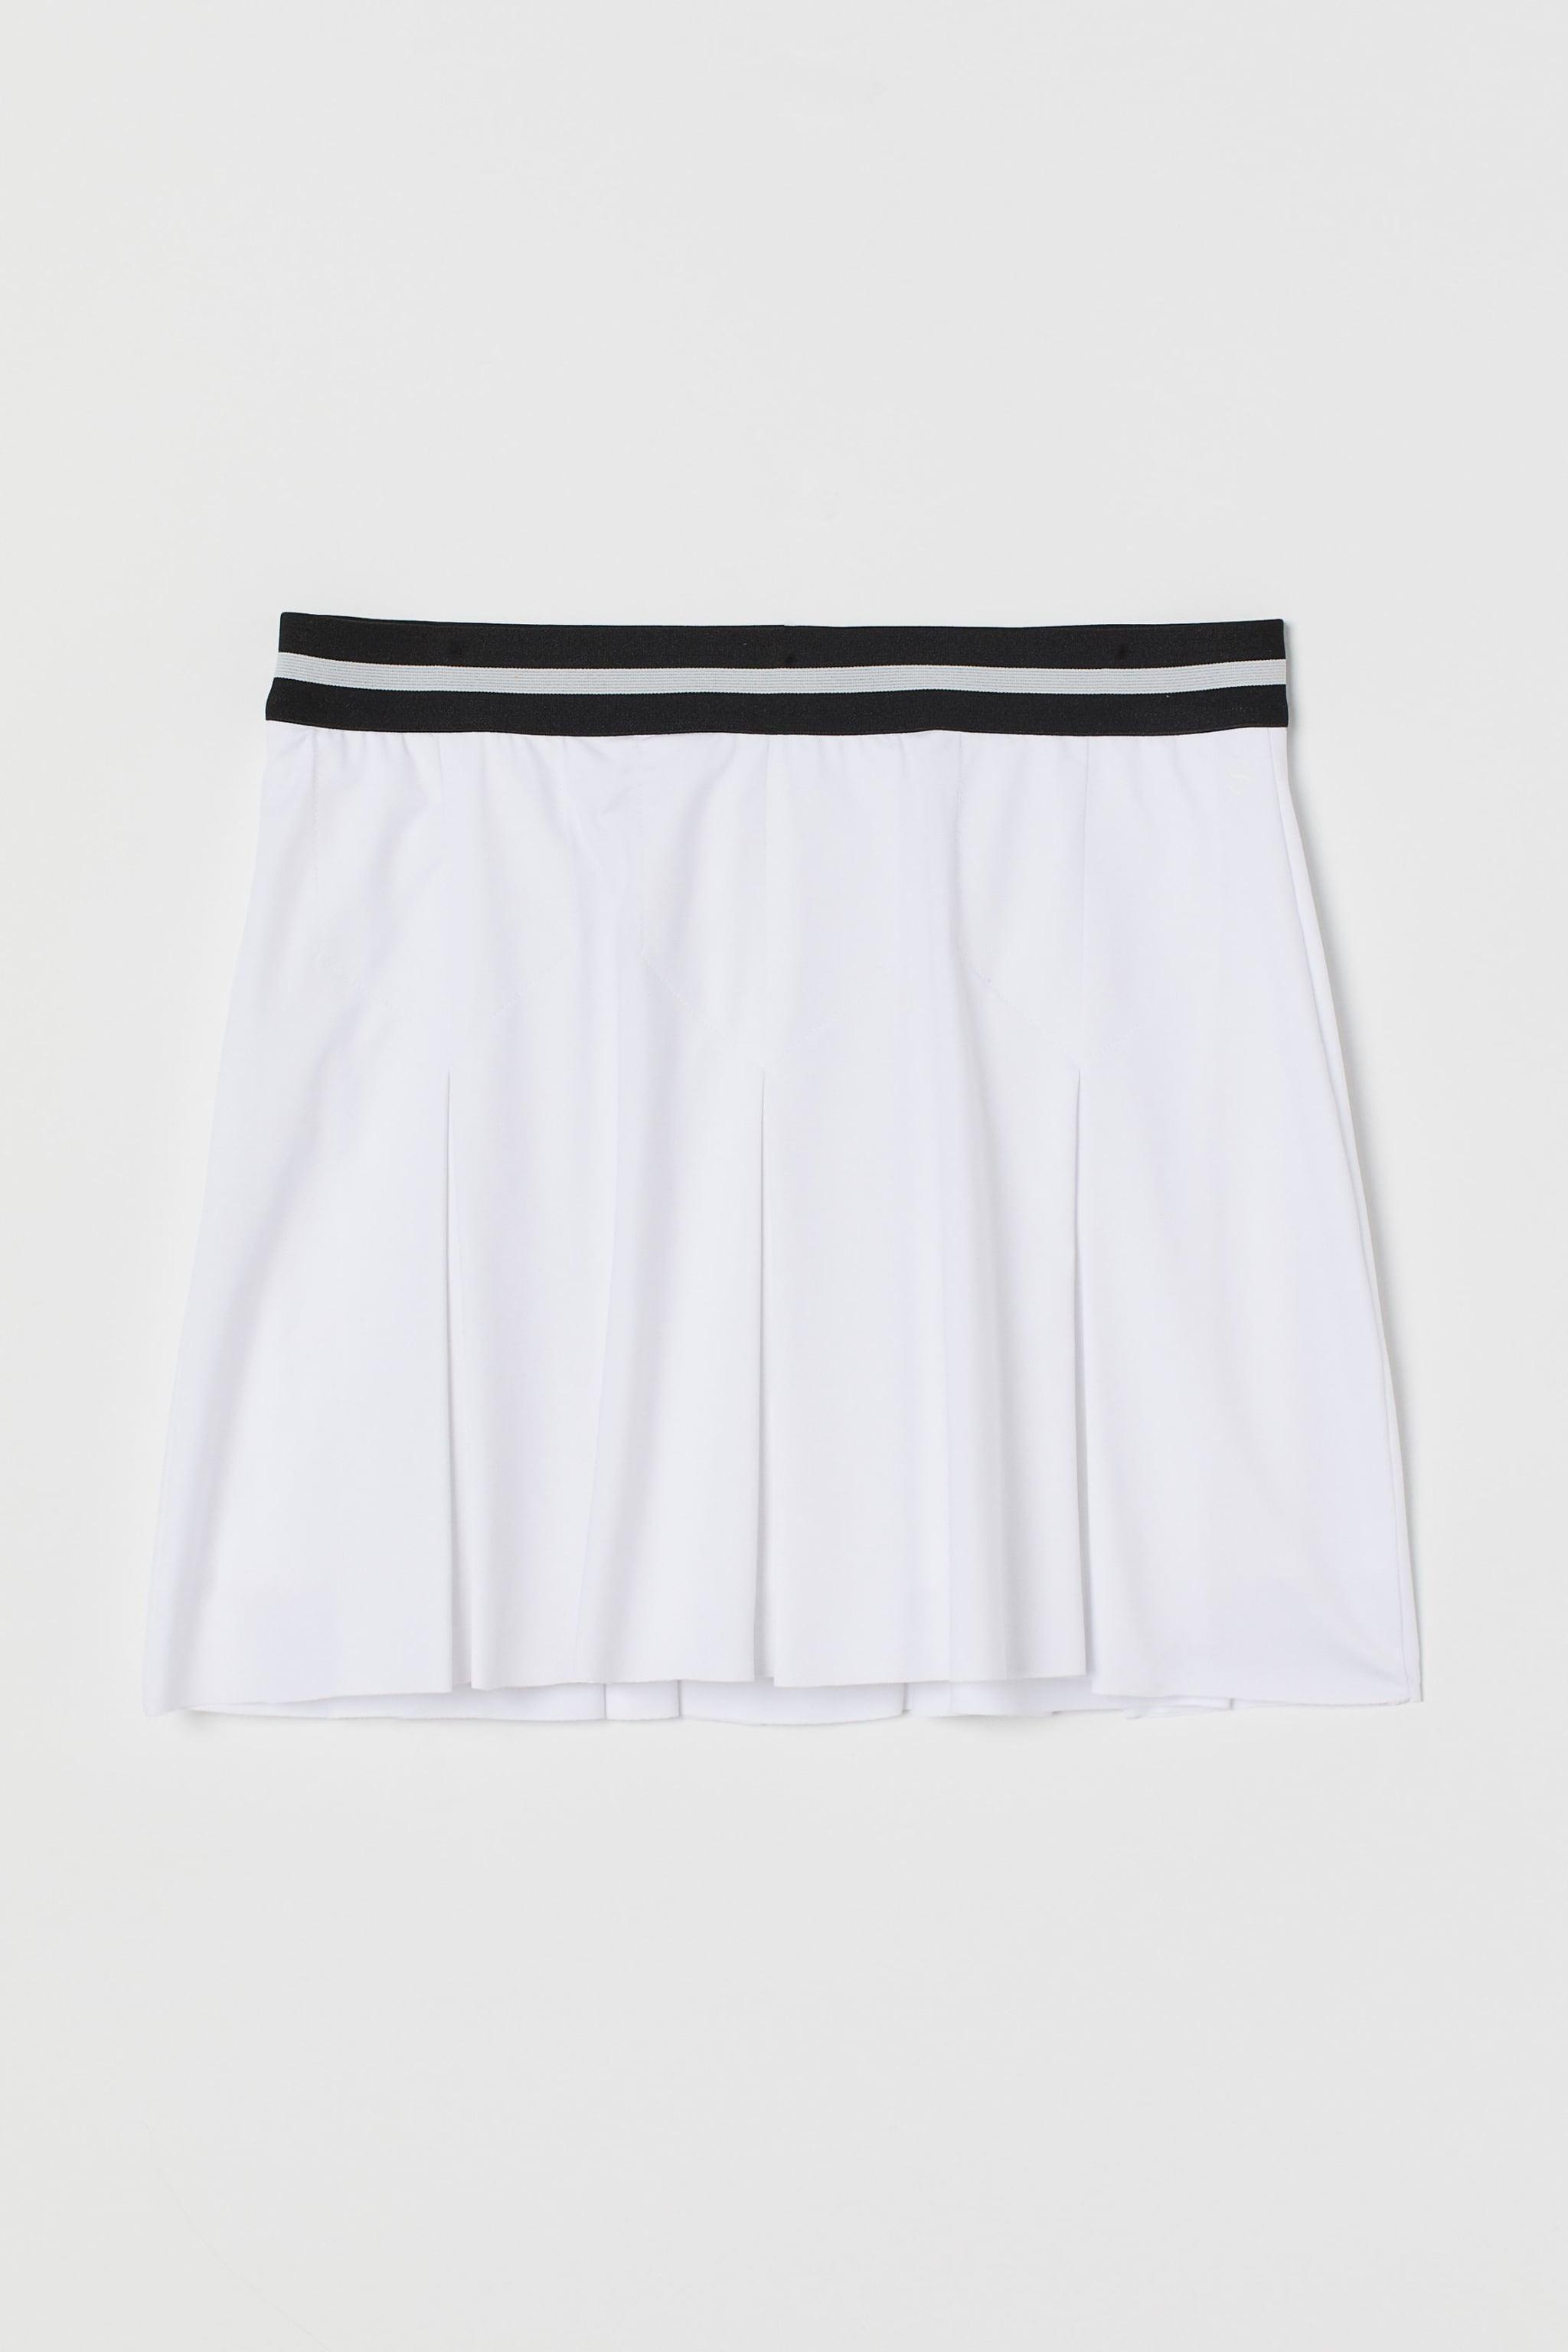 How A Fashion Editor Styles A Tennis Skirt Popsugar Fashion